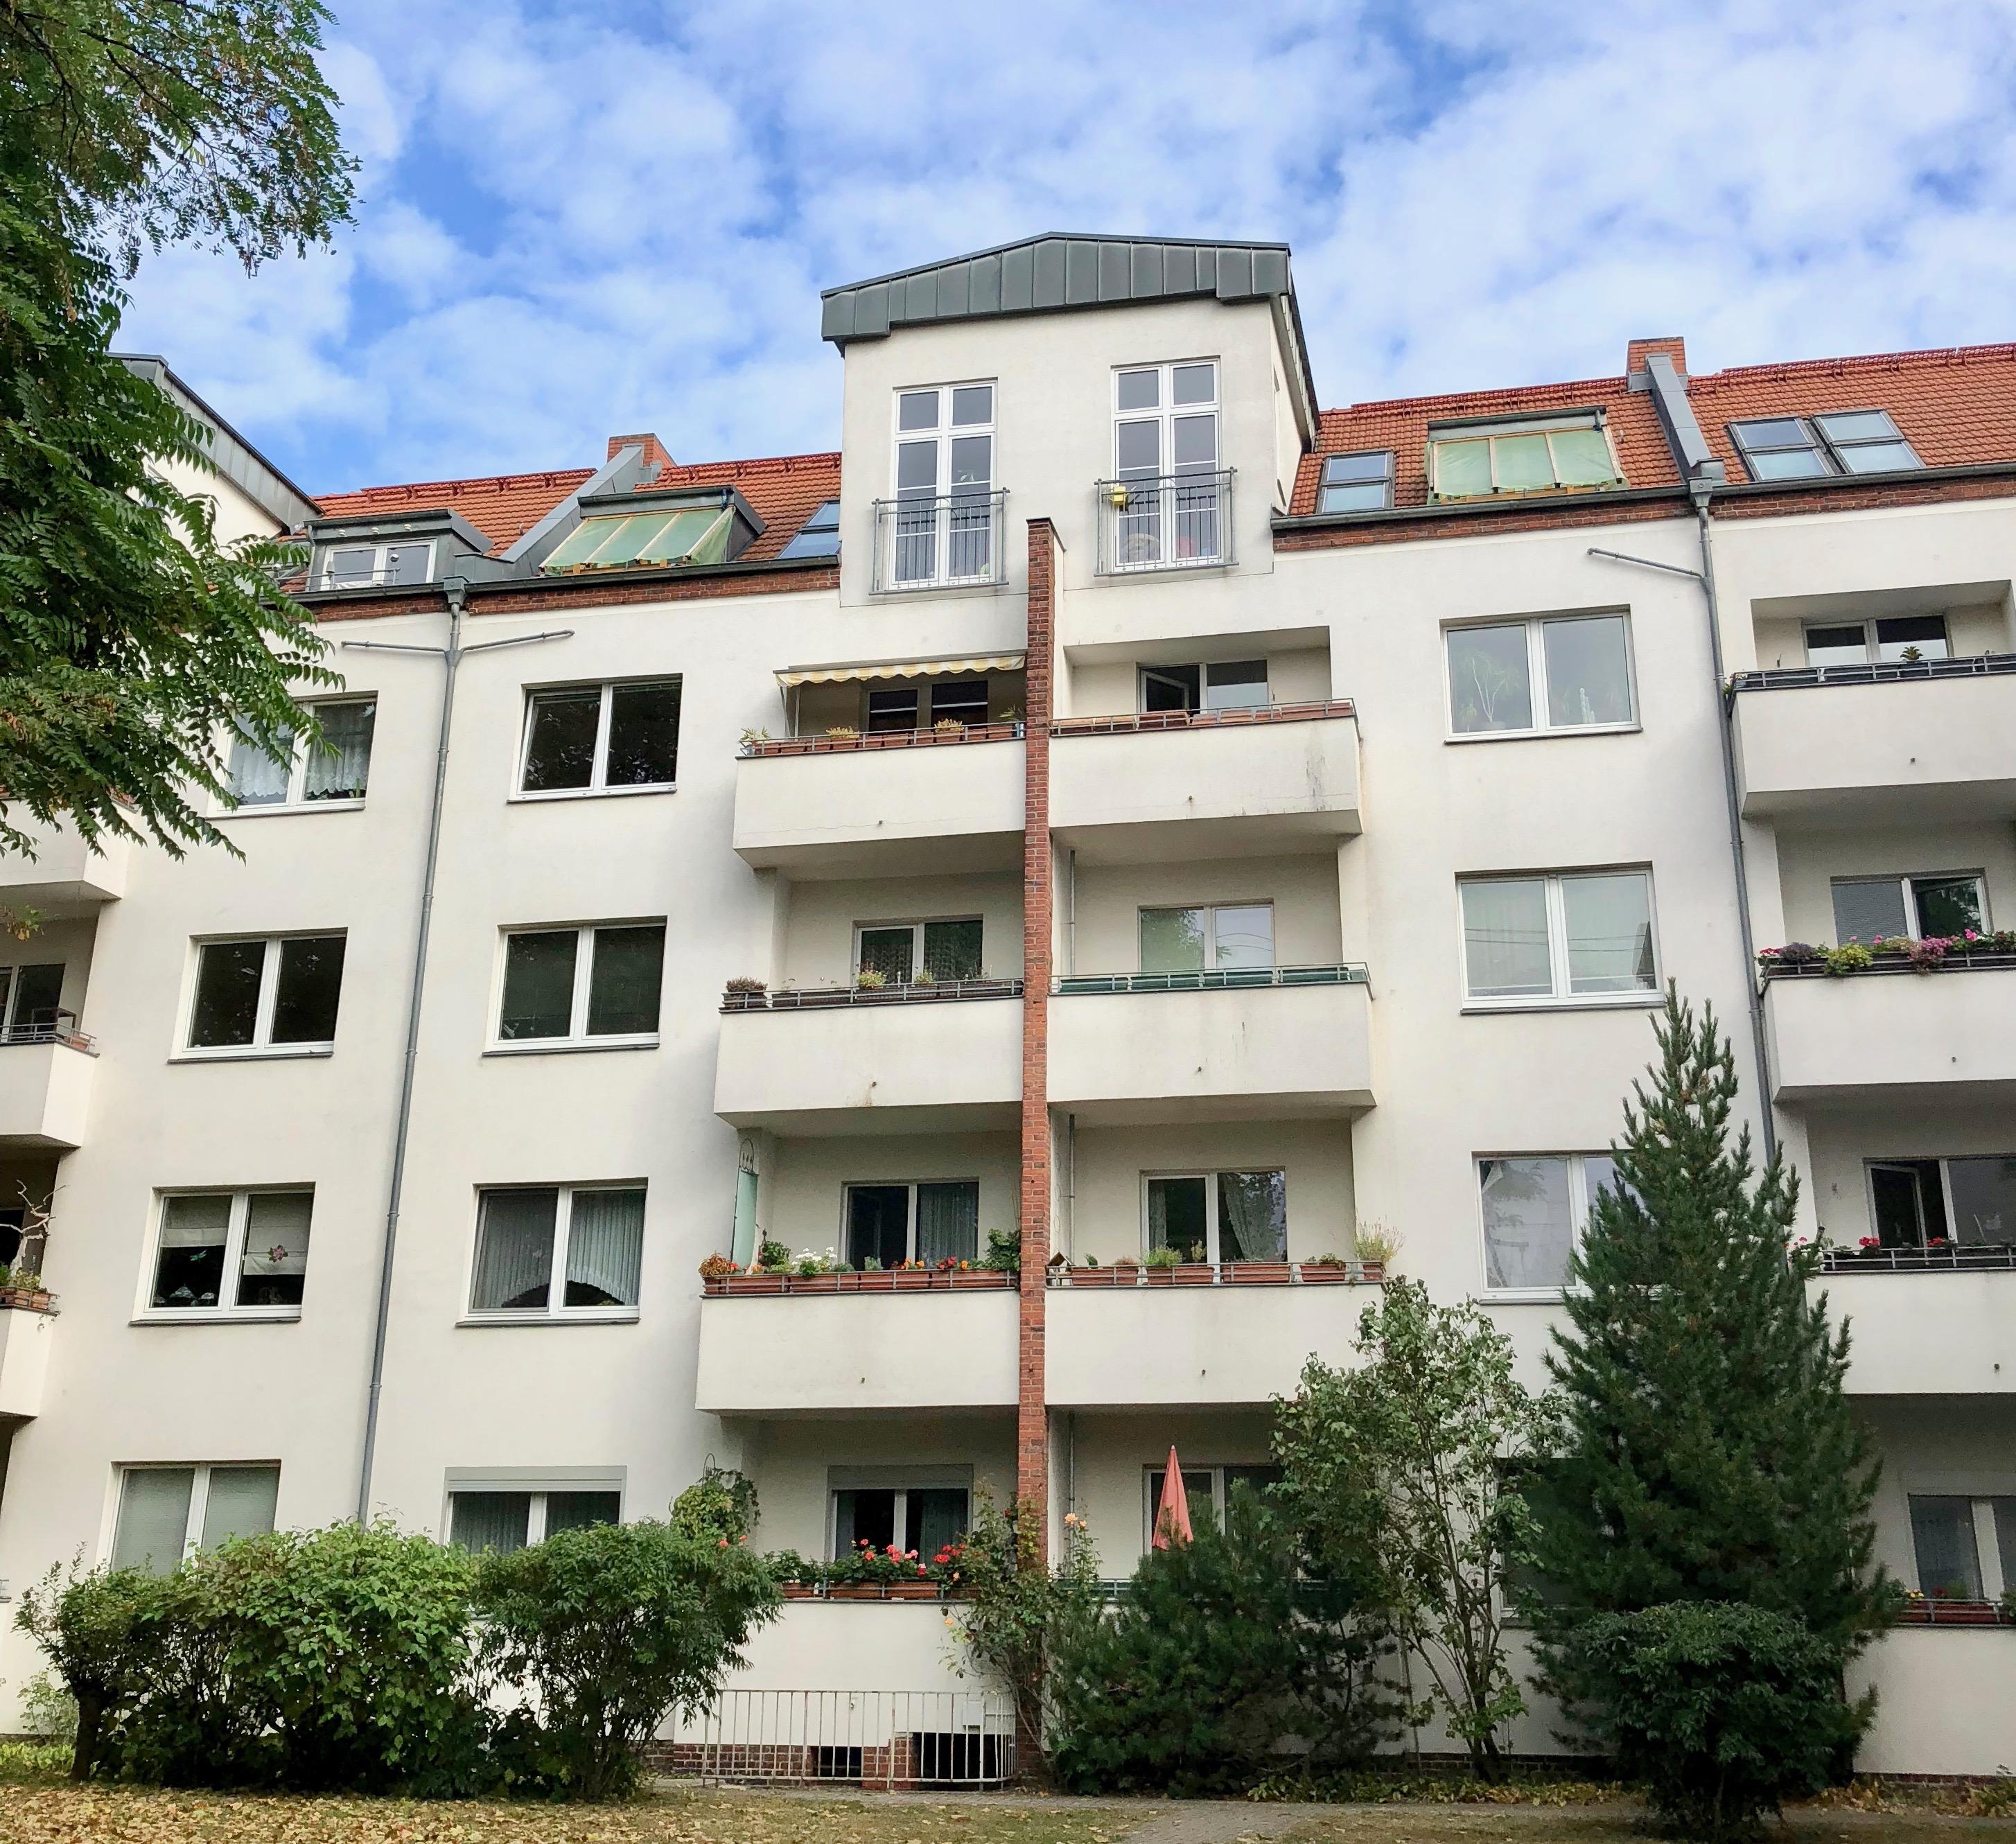 Miete – 2,5 Zimmer in Berlin Spandau